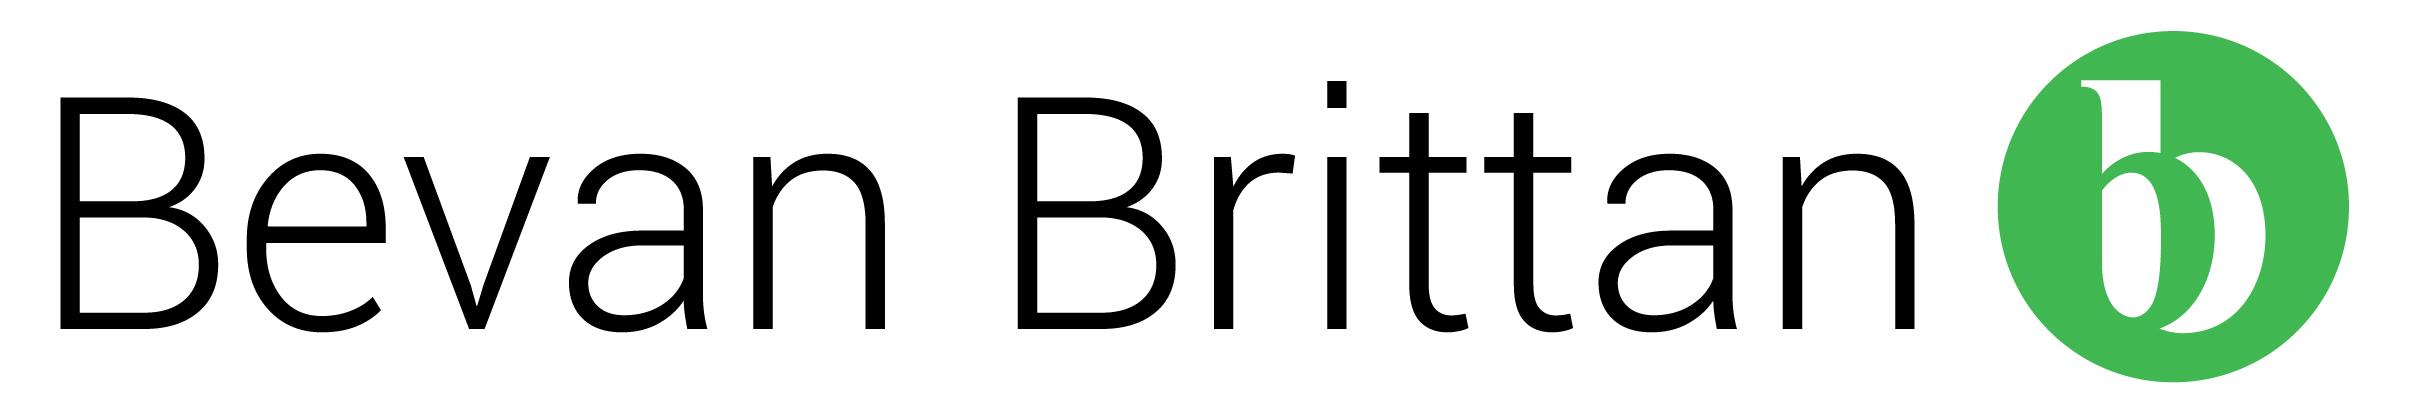 Bevan Brittan LLP